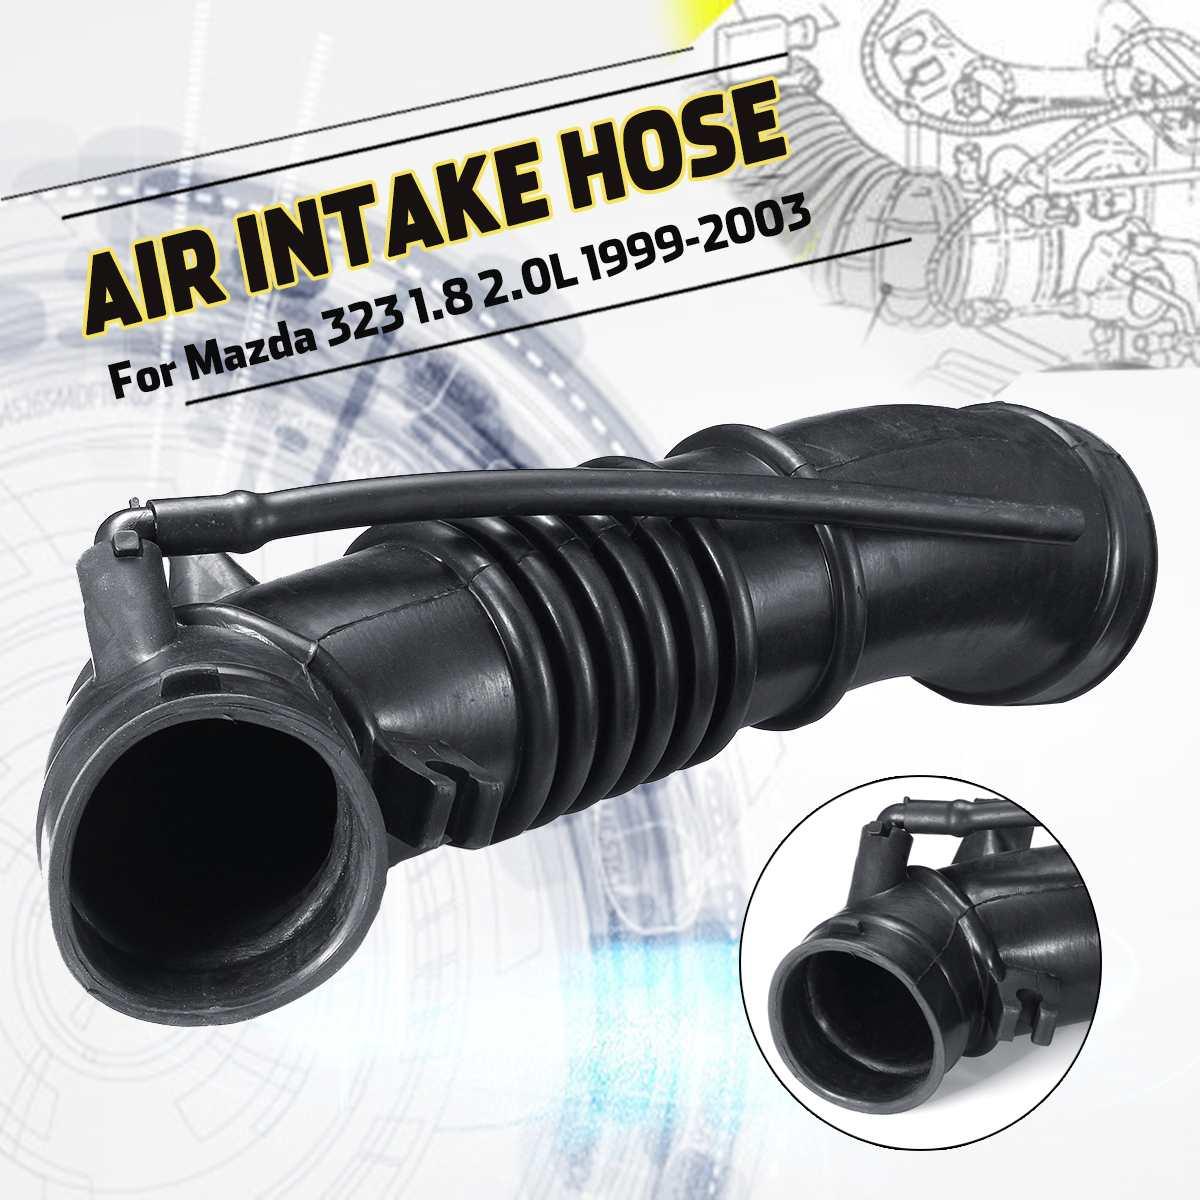 Samochód kolektor dolotowy powietrza wąż rura FP47-13-220A dla Mazda Premacy 323 1.8 2.0L 1999-2003 Astina BJ dla Ford Laser KN KQ